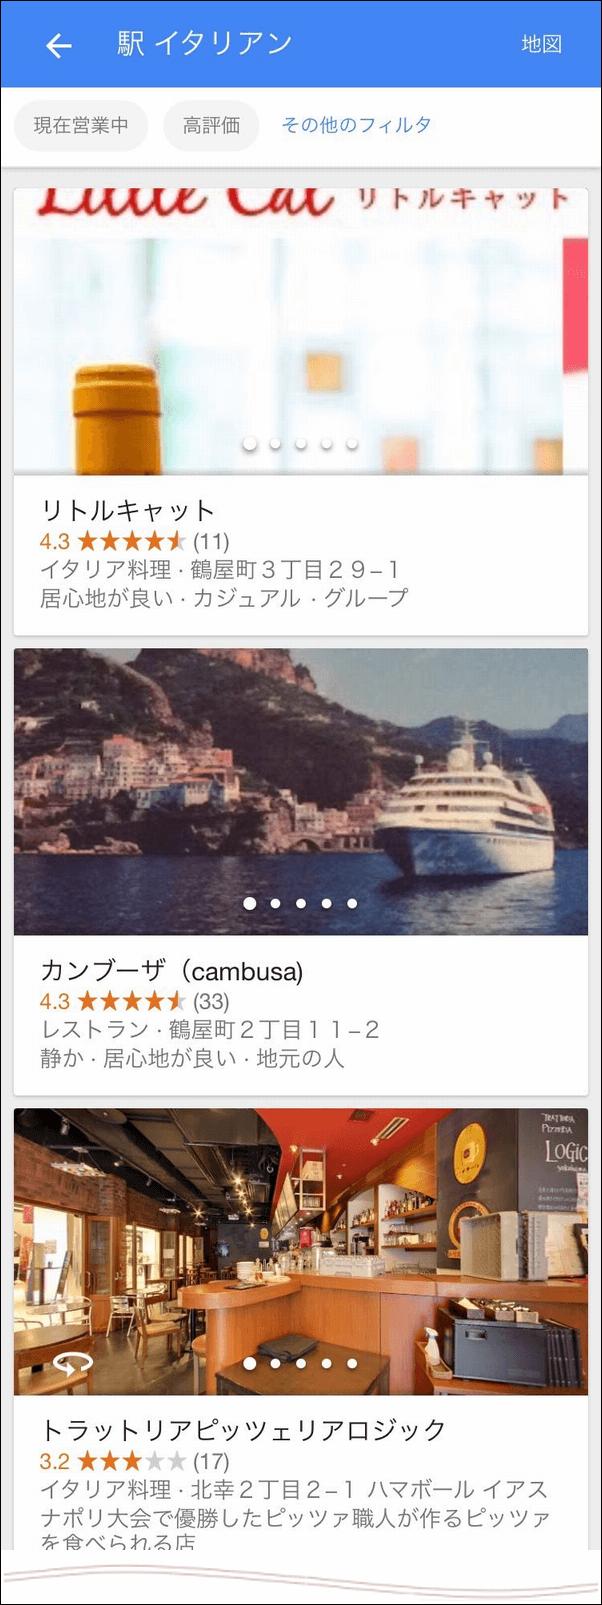 さらにたくさんの、横浜駅周辺のイタリアンのお店の情報が出てくる。